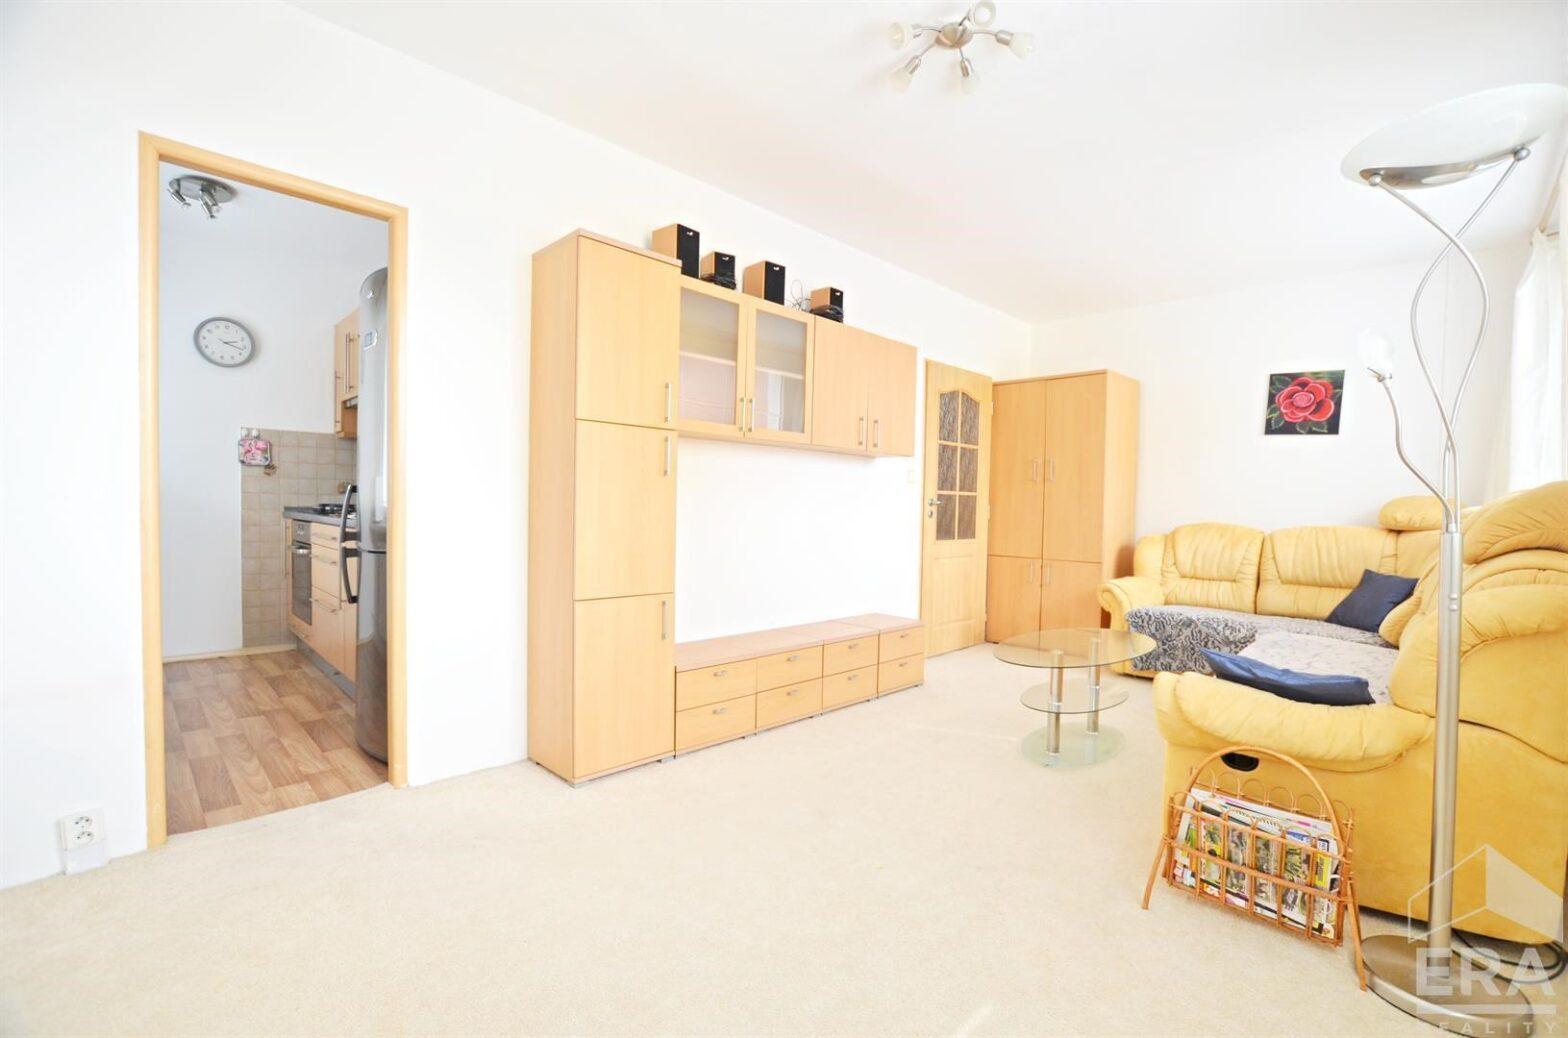 Pronájem bytu 2+1, Praha 8 Kobylisy